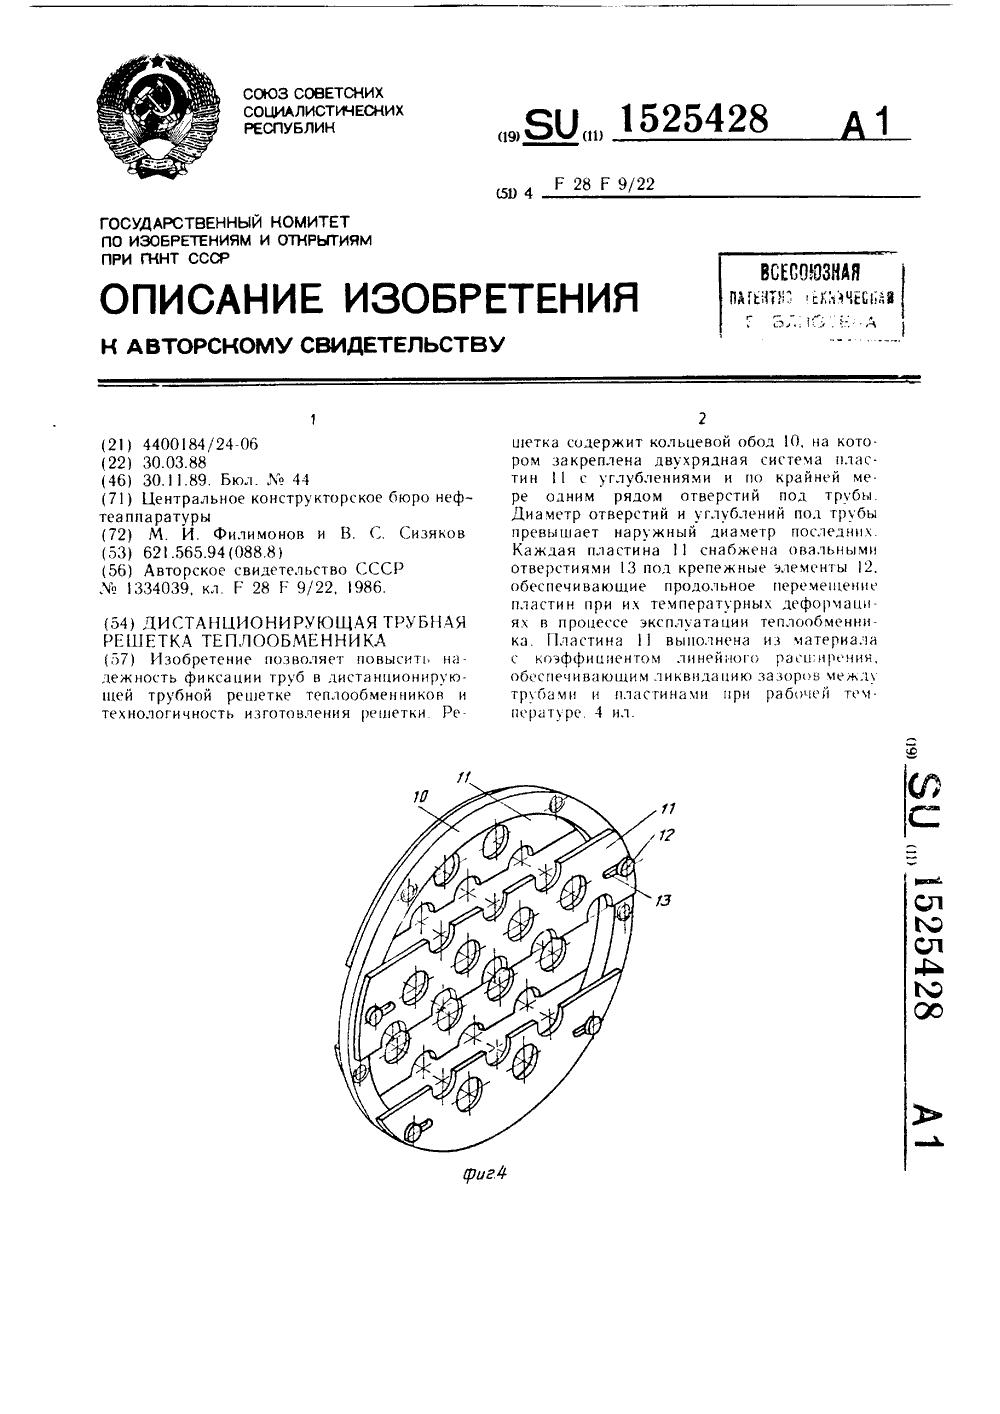 Трубная доска теплообменника Кожухотрубный испаритель WTK DFE 430 Дербент